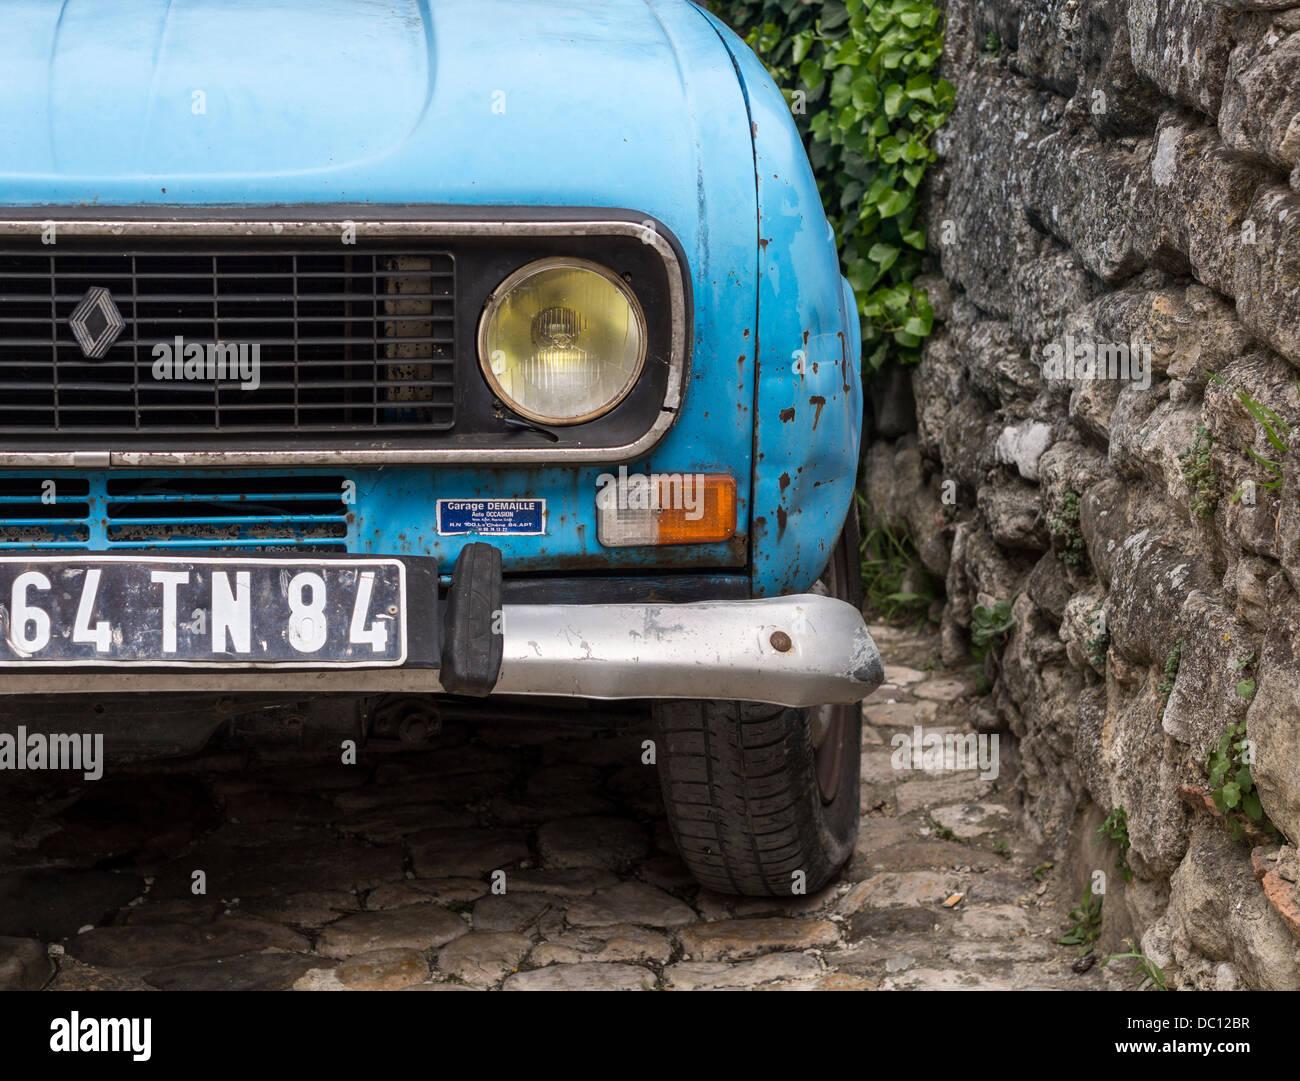 Vieille voiture citron bleu vif. Détail de l'angle d'une automobile garée plutôt vieux à Photo Stock